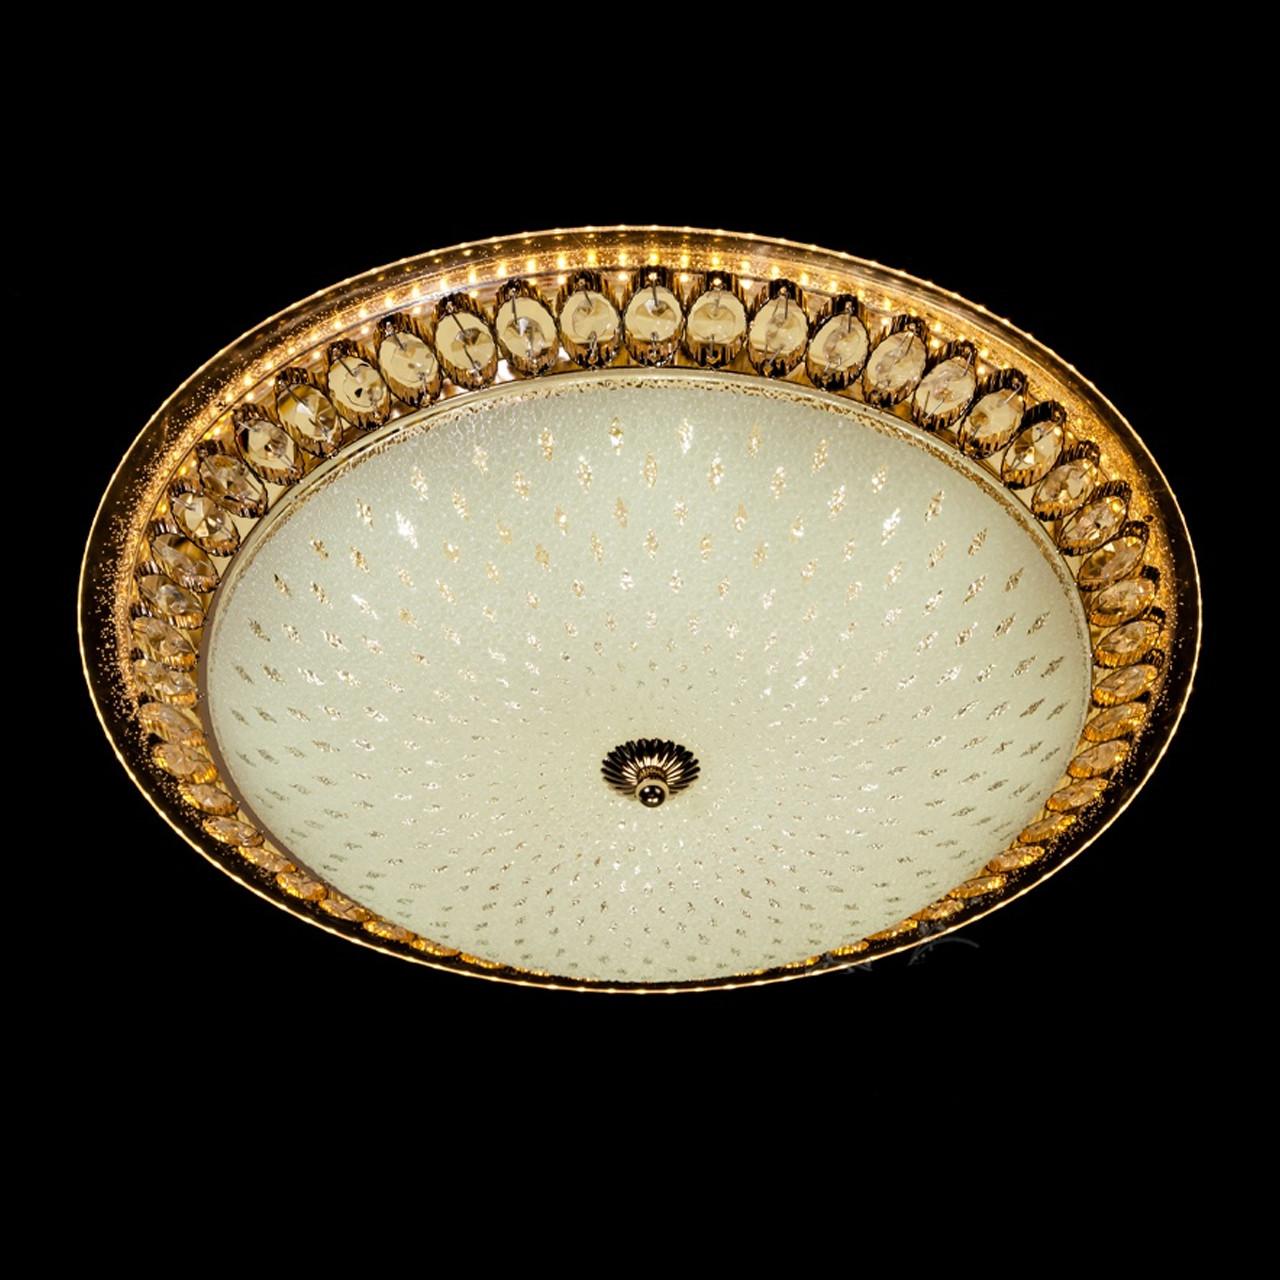 Настенно-потолочный светодиодный светильники 50 см каркас золото 70 Вт LED СветМира D-77178-500-1A G